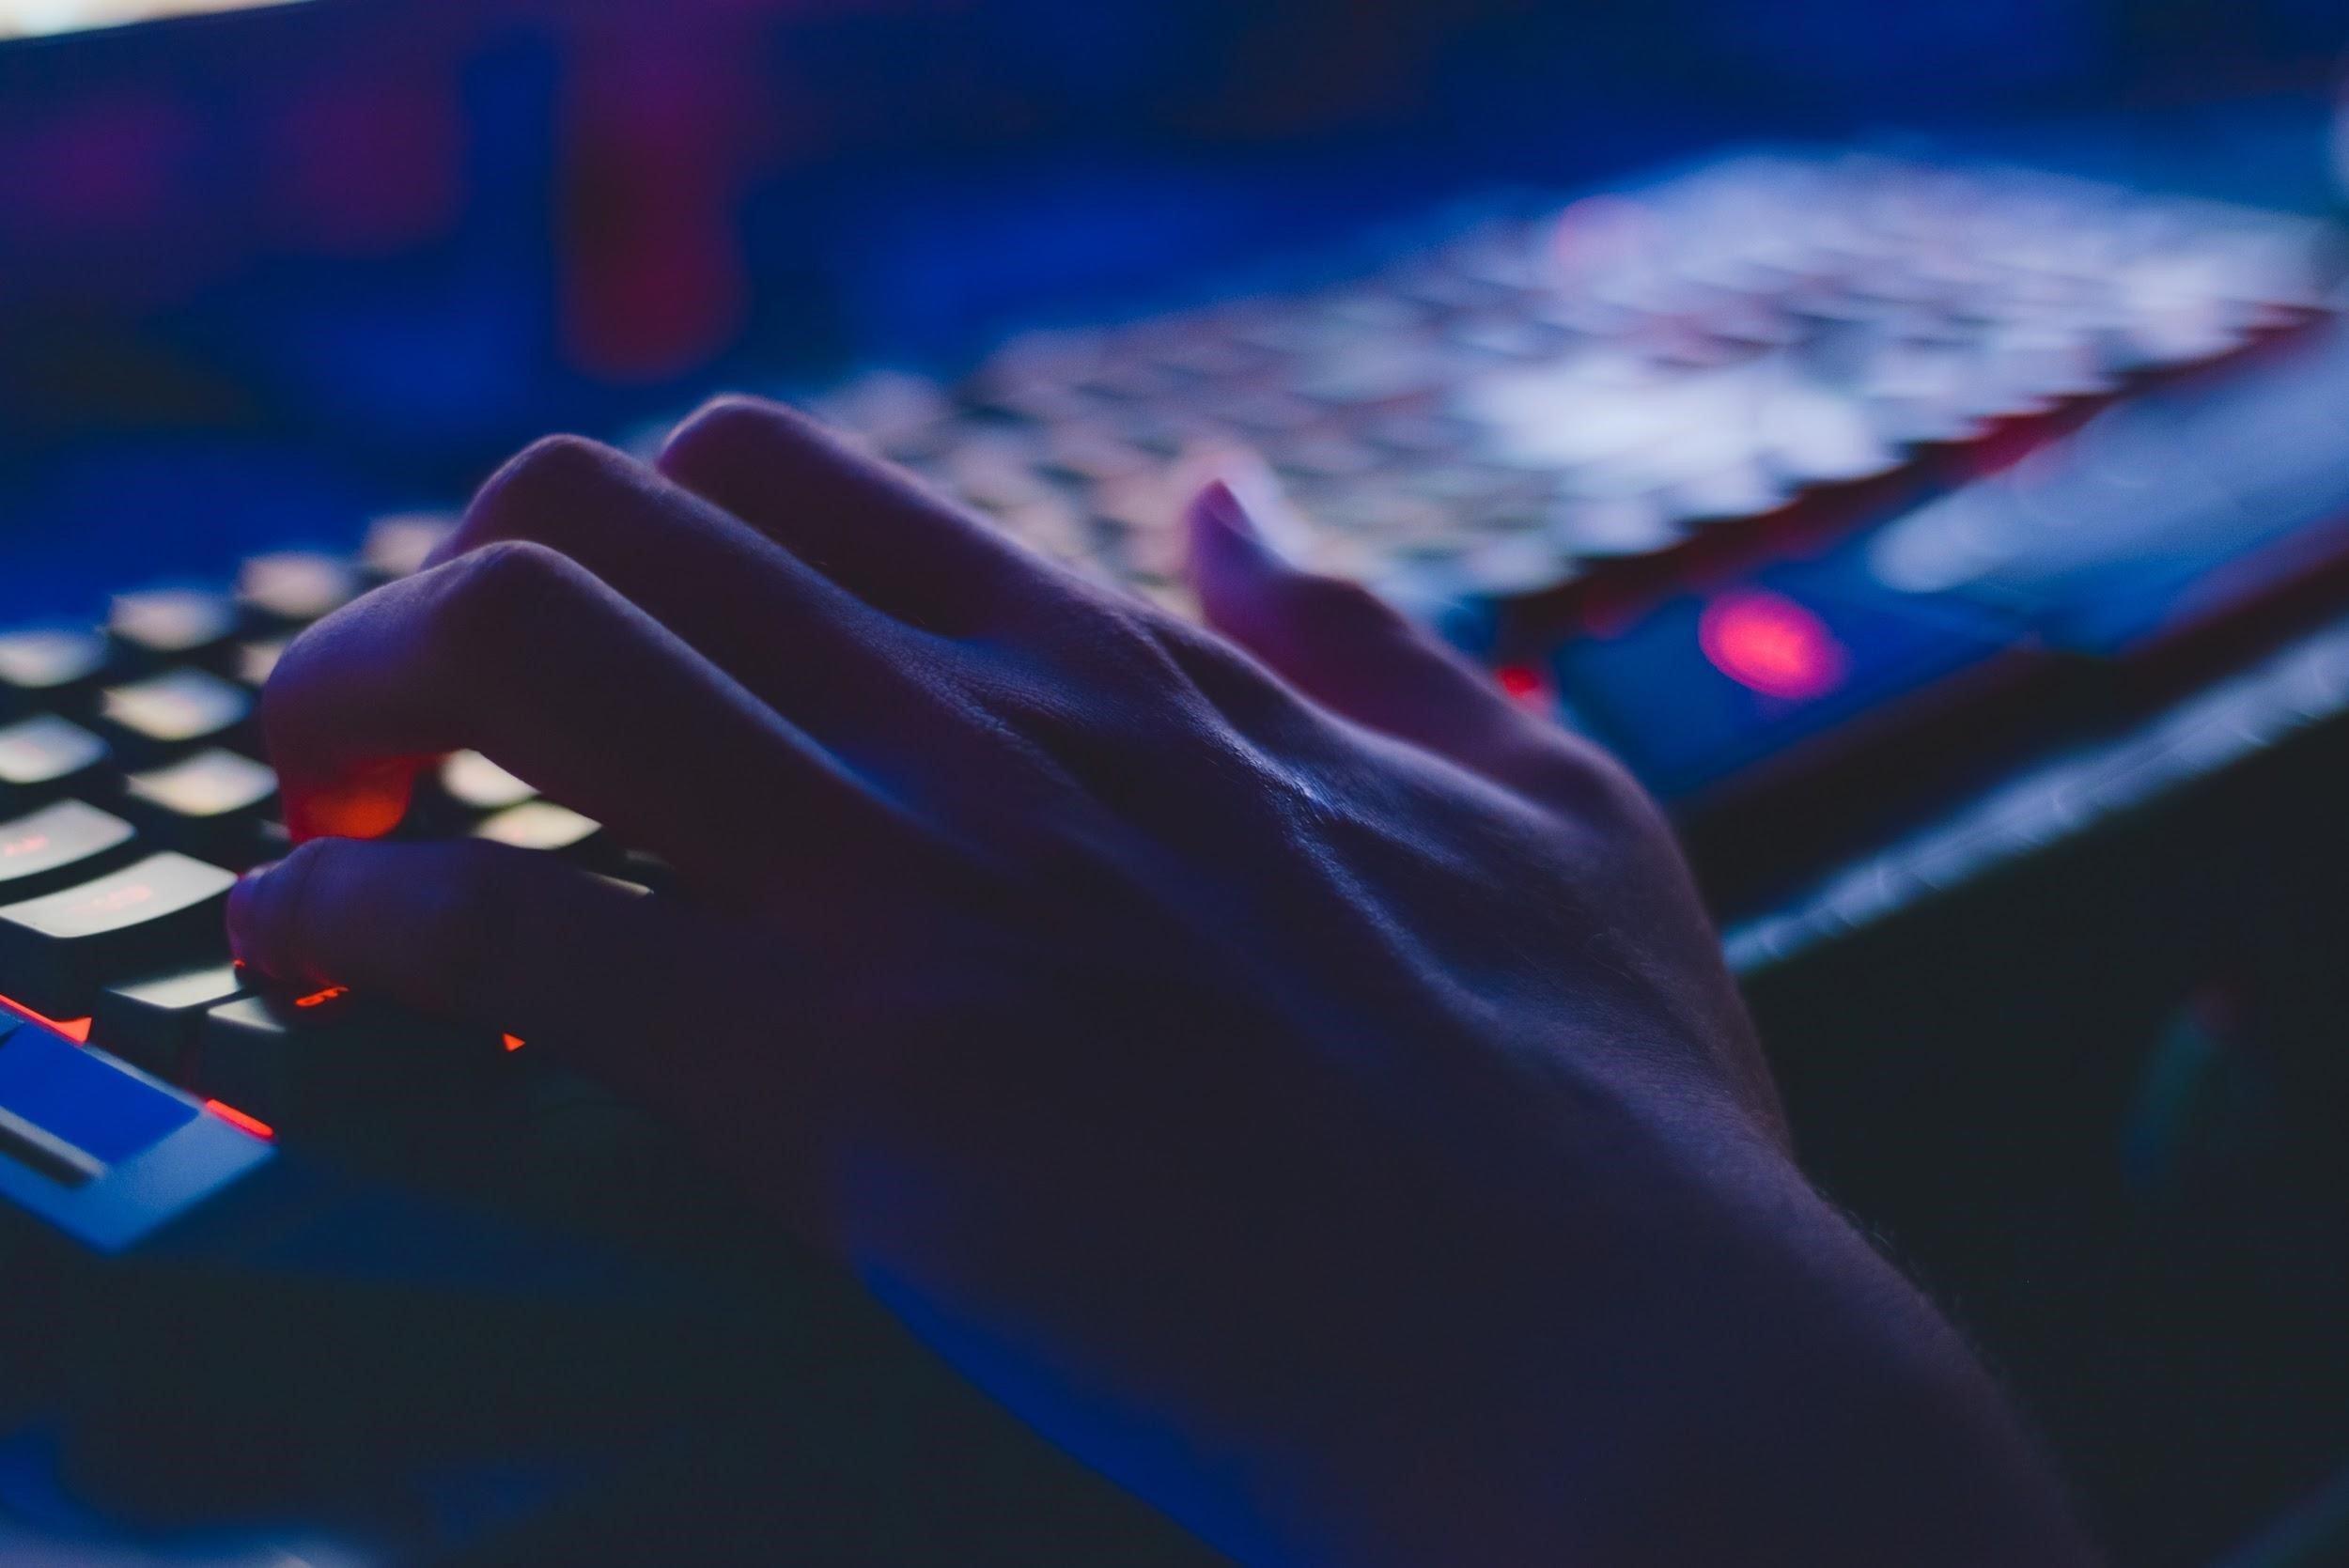 Los problemas en ciberseguridad que han afectado las formas de pago